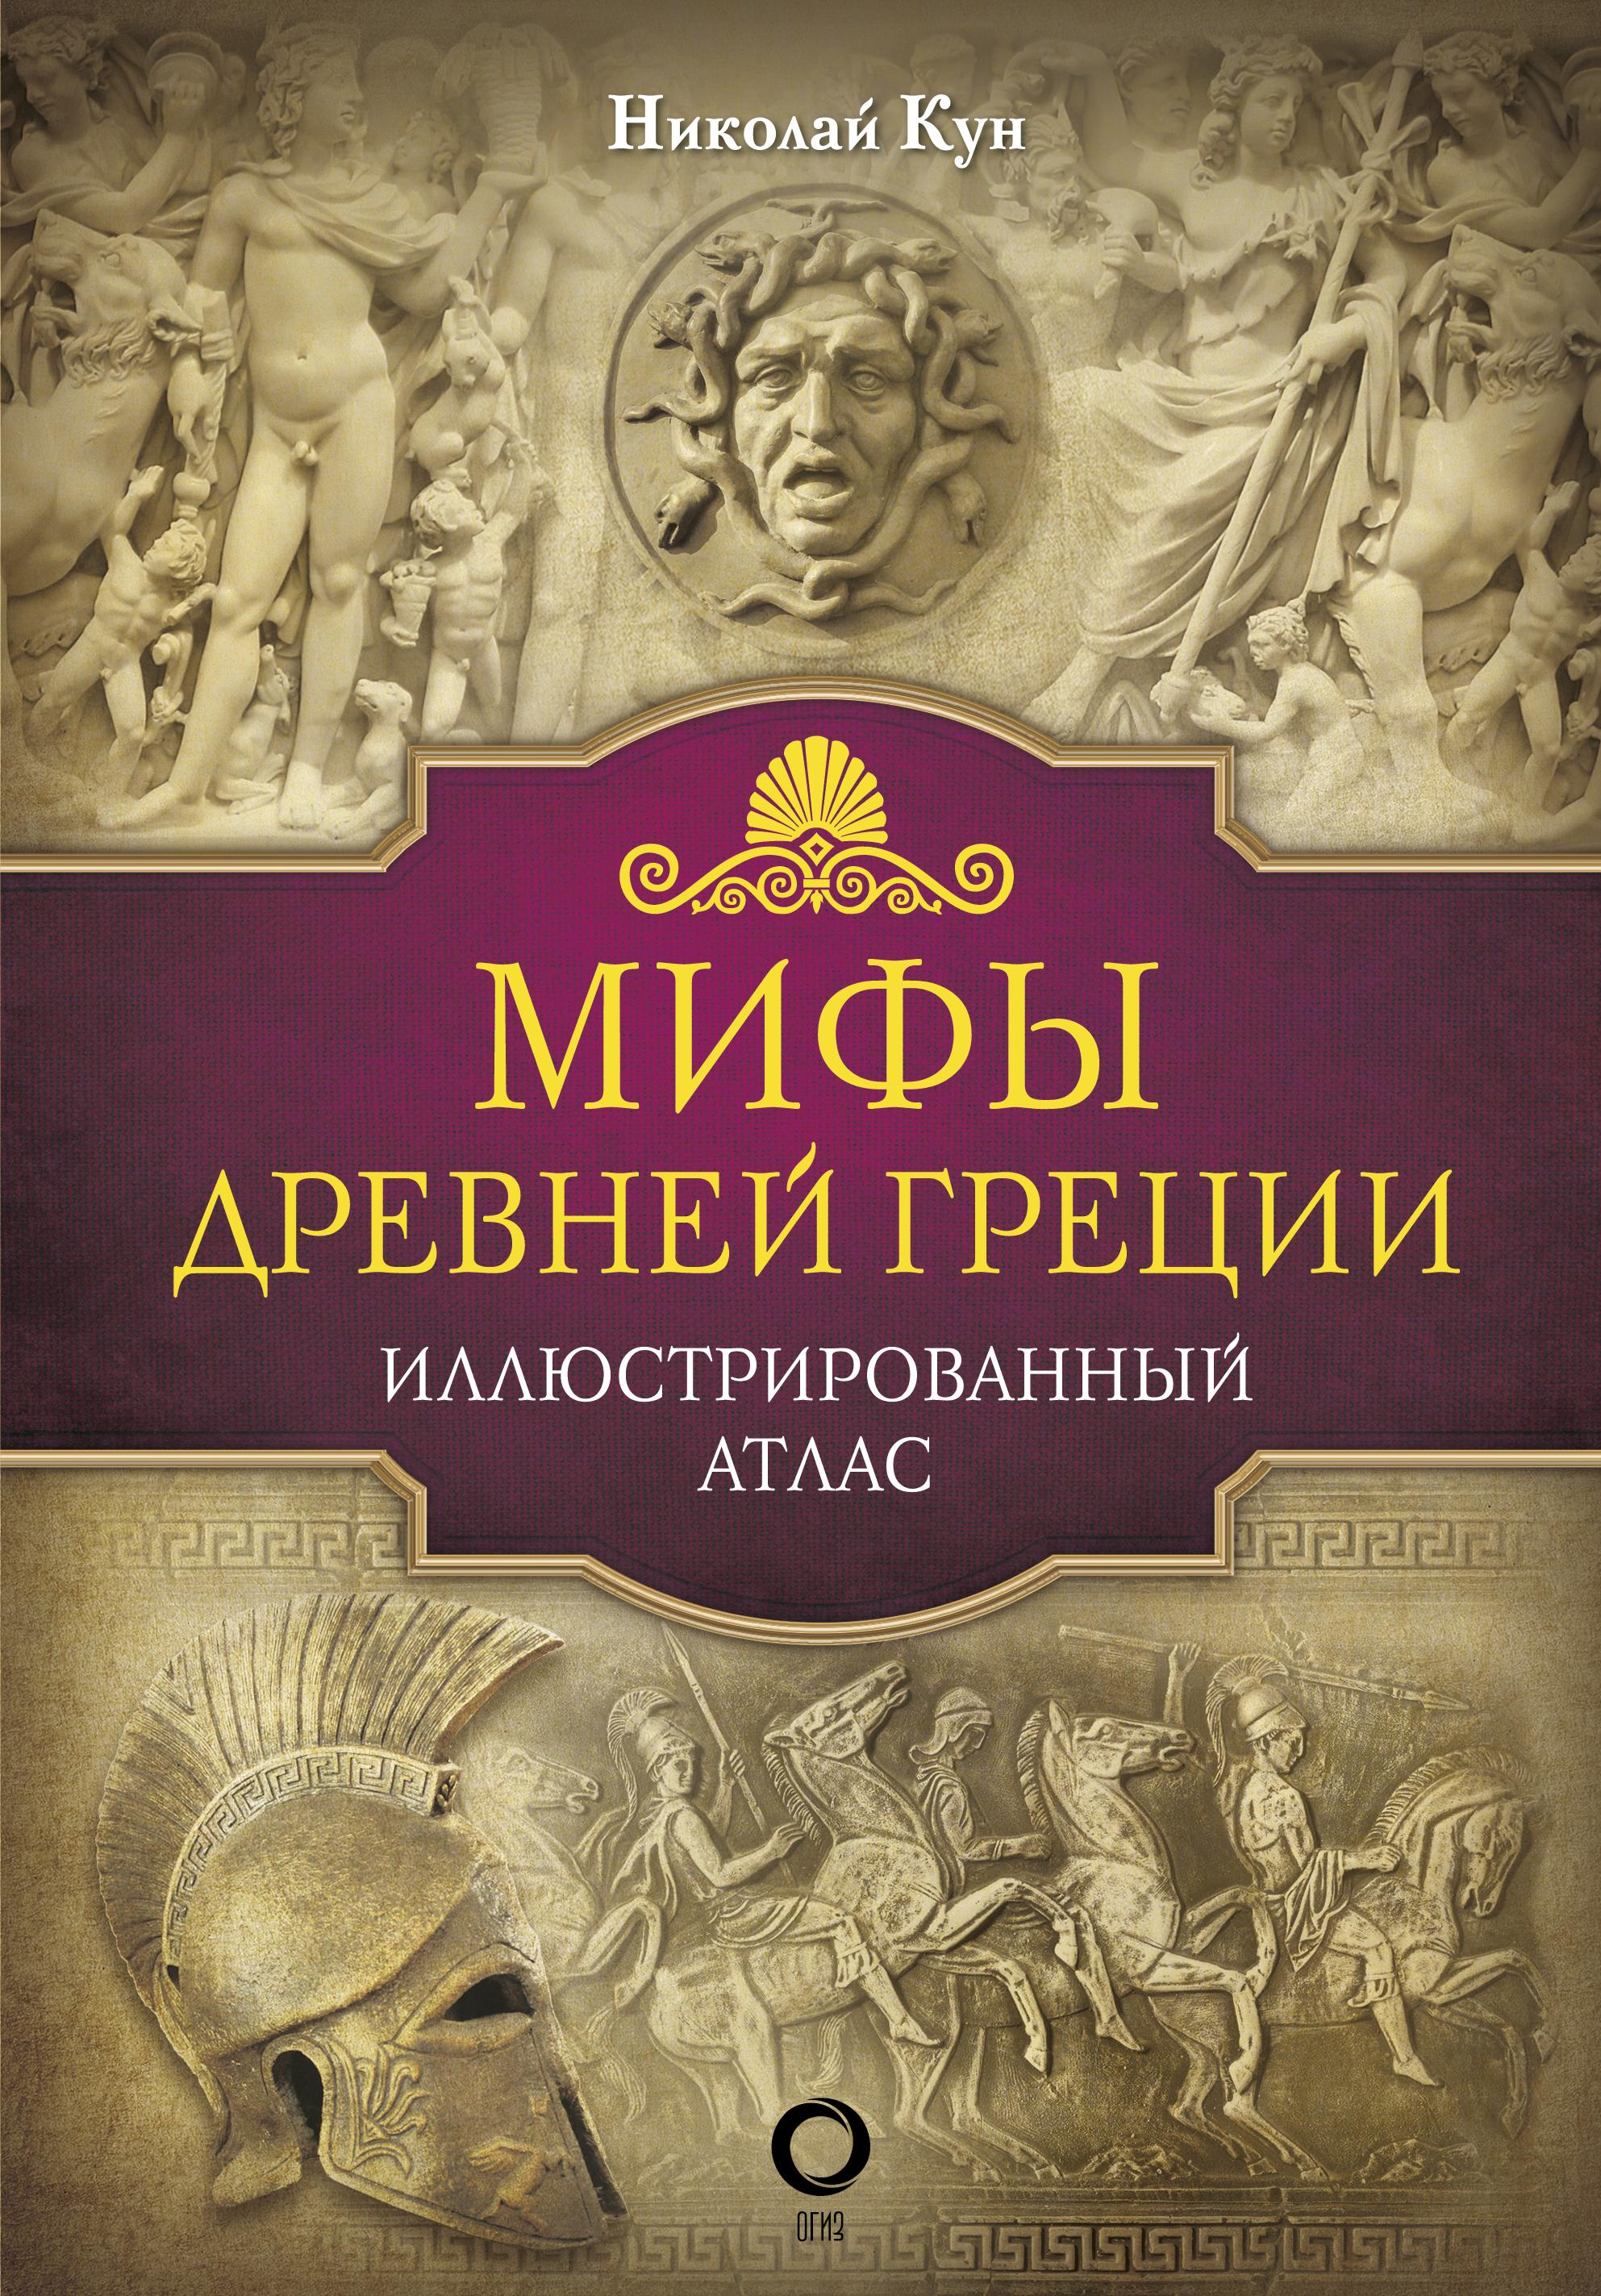 Мифы Древней Греции эксмо мифы древней греции